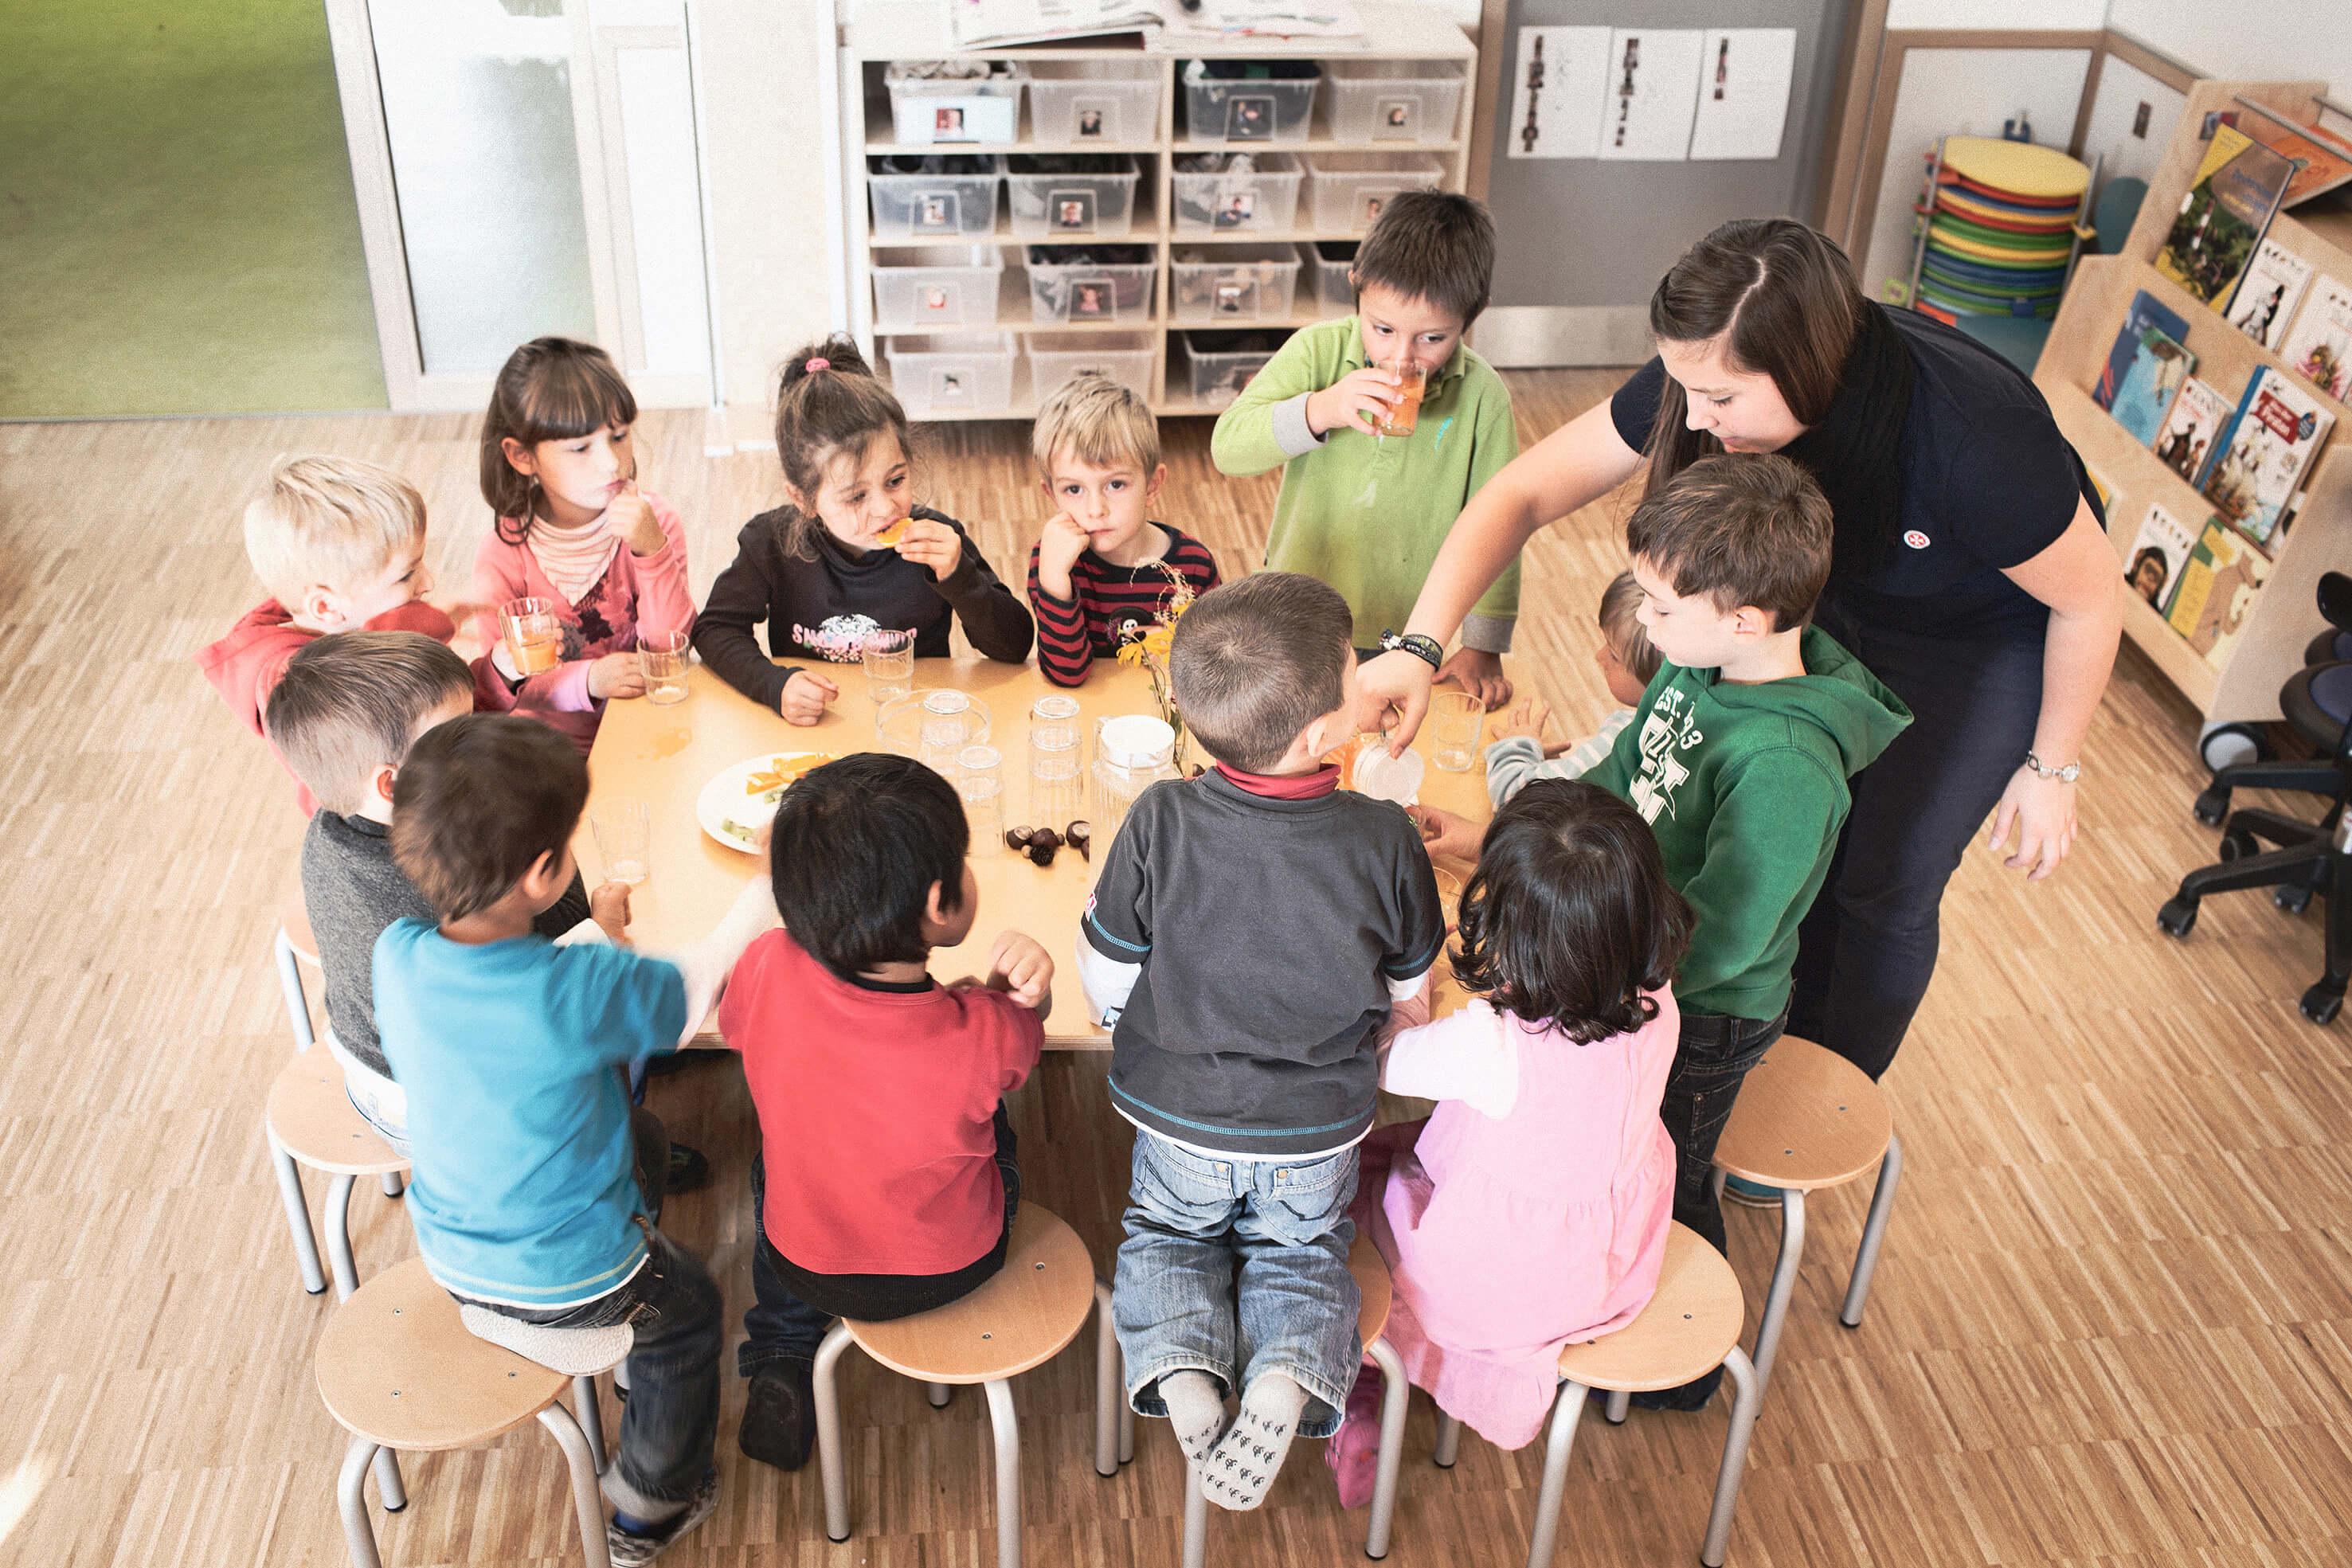 Die Kinder- und Jugendhilfe der Johanniter gibt jungen Menschen eine Starthilfe.